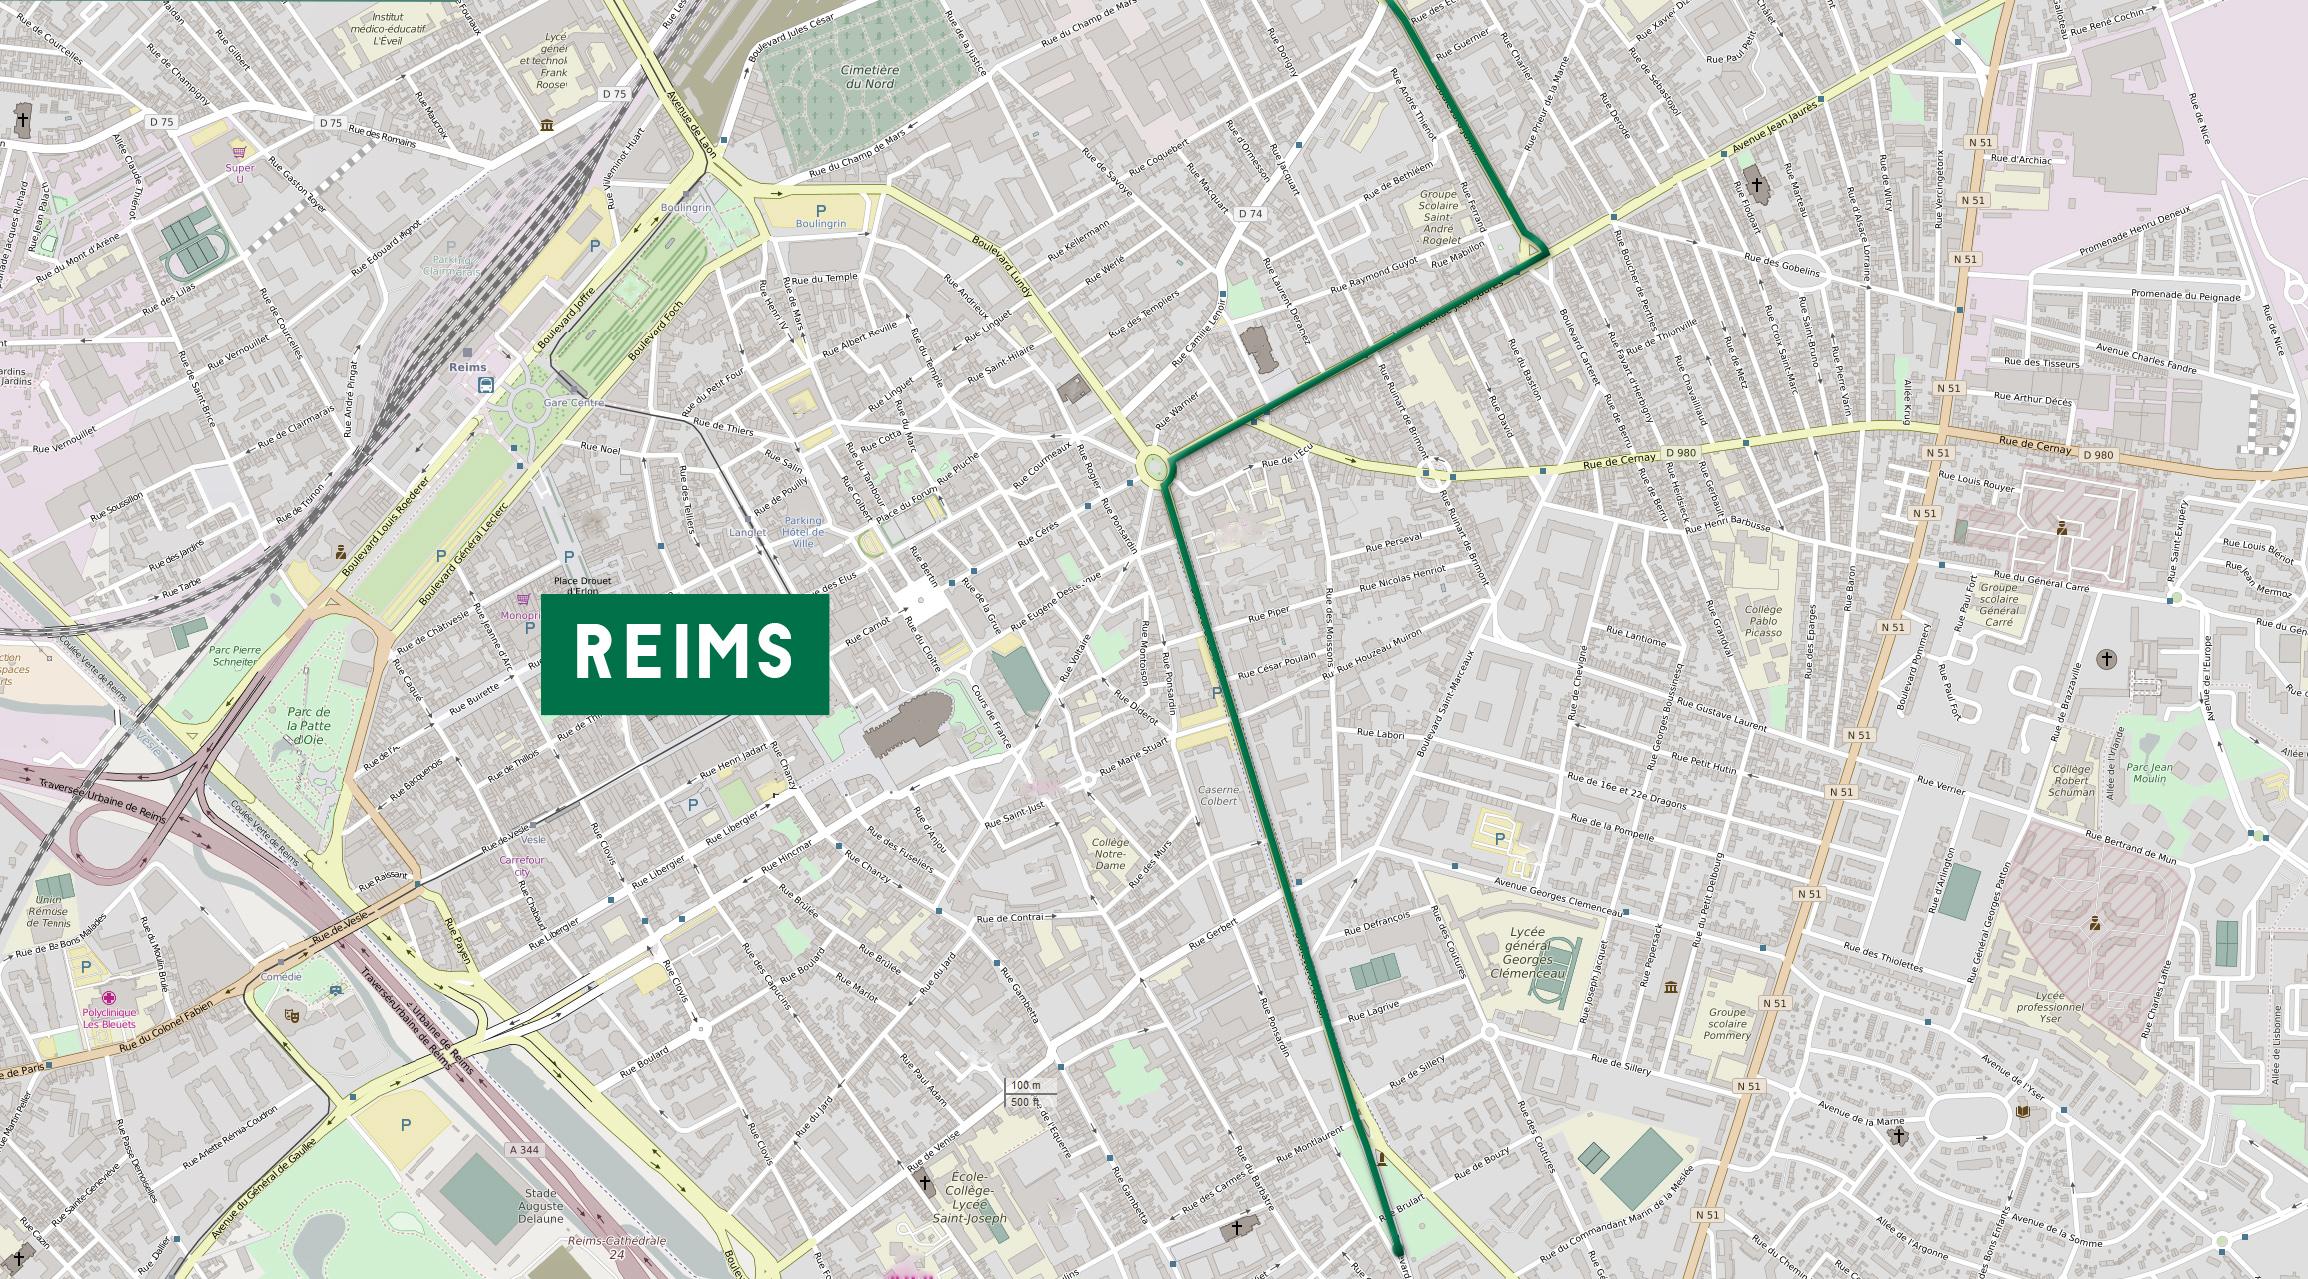 Plan de l'opréation de street markéting à Reims dans la Marnes, réalisée par Talacom agence de communication